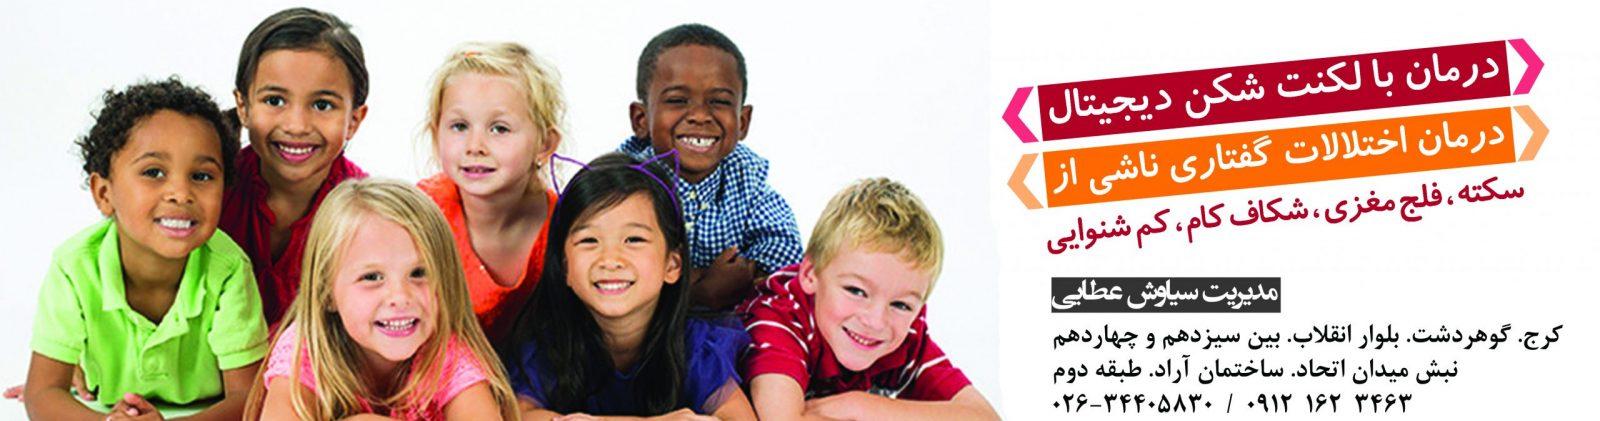 کلینیک کاردرمانی ( جسمی - ذهنی ) کرج – البرز- هشتگرد |  کلینیک کاردرمانی کودک و بزرگسال در کرج- البرز- هشتگرد